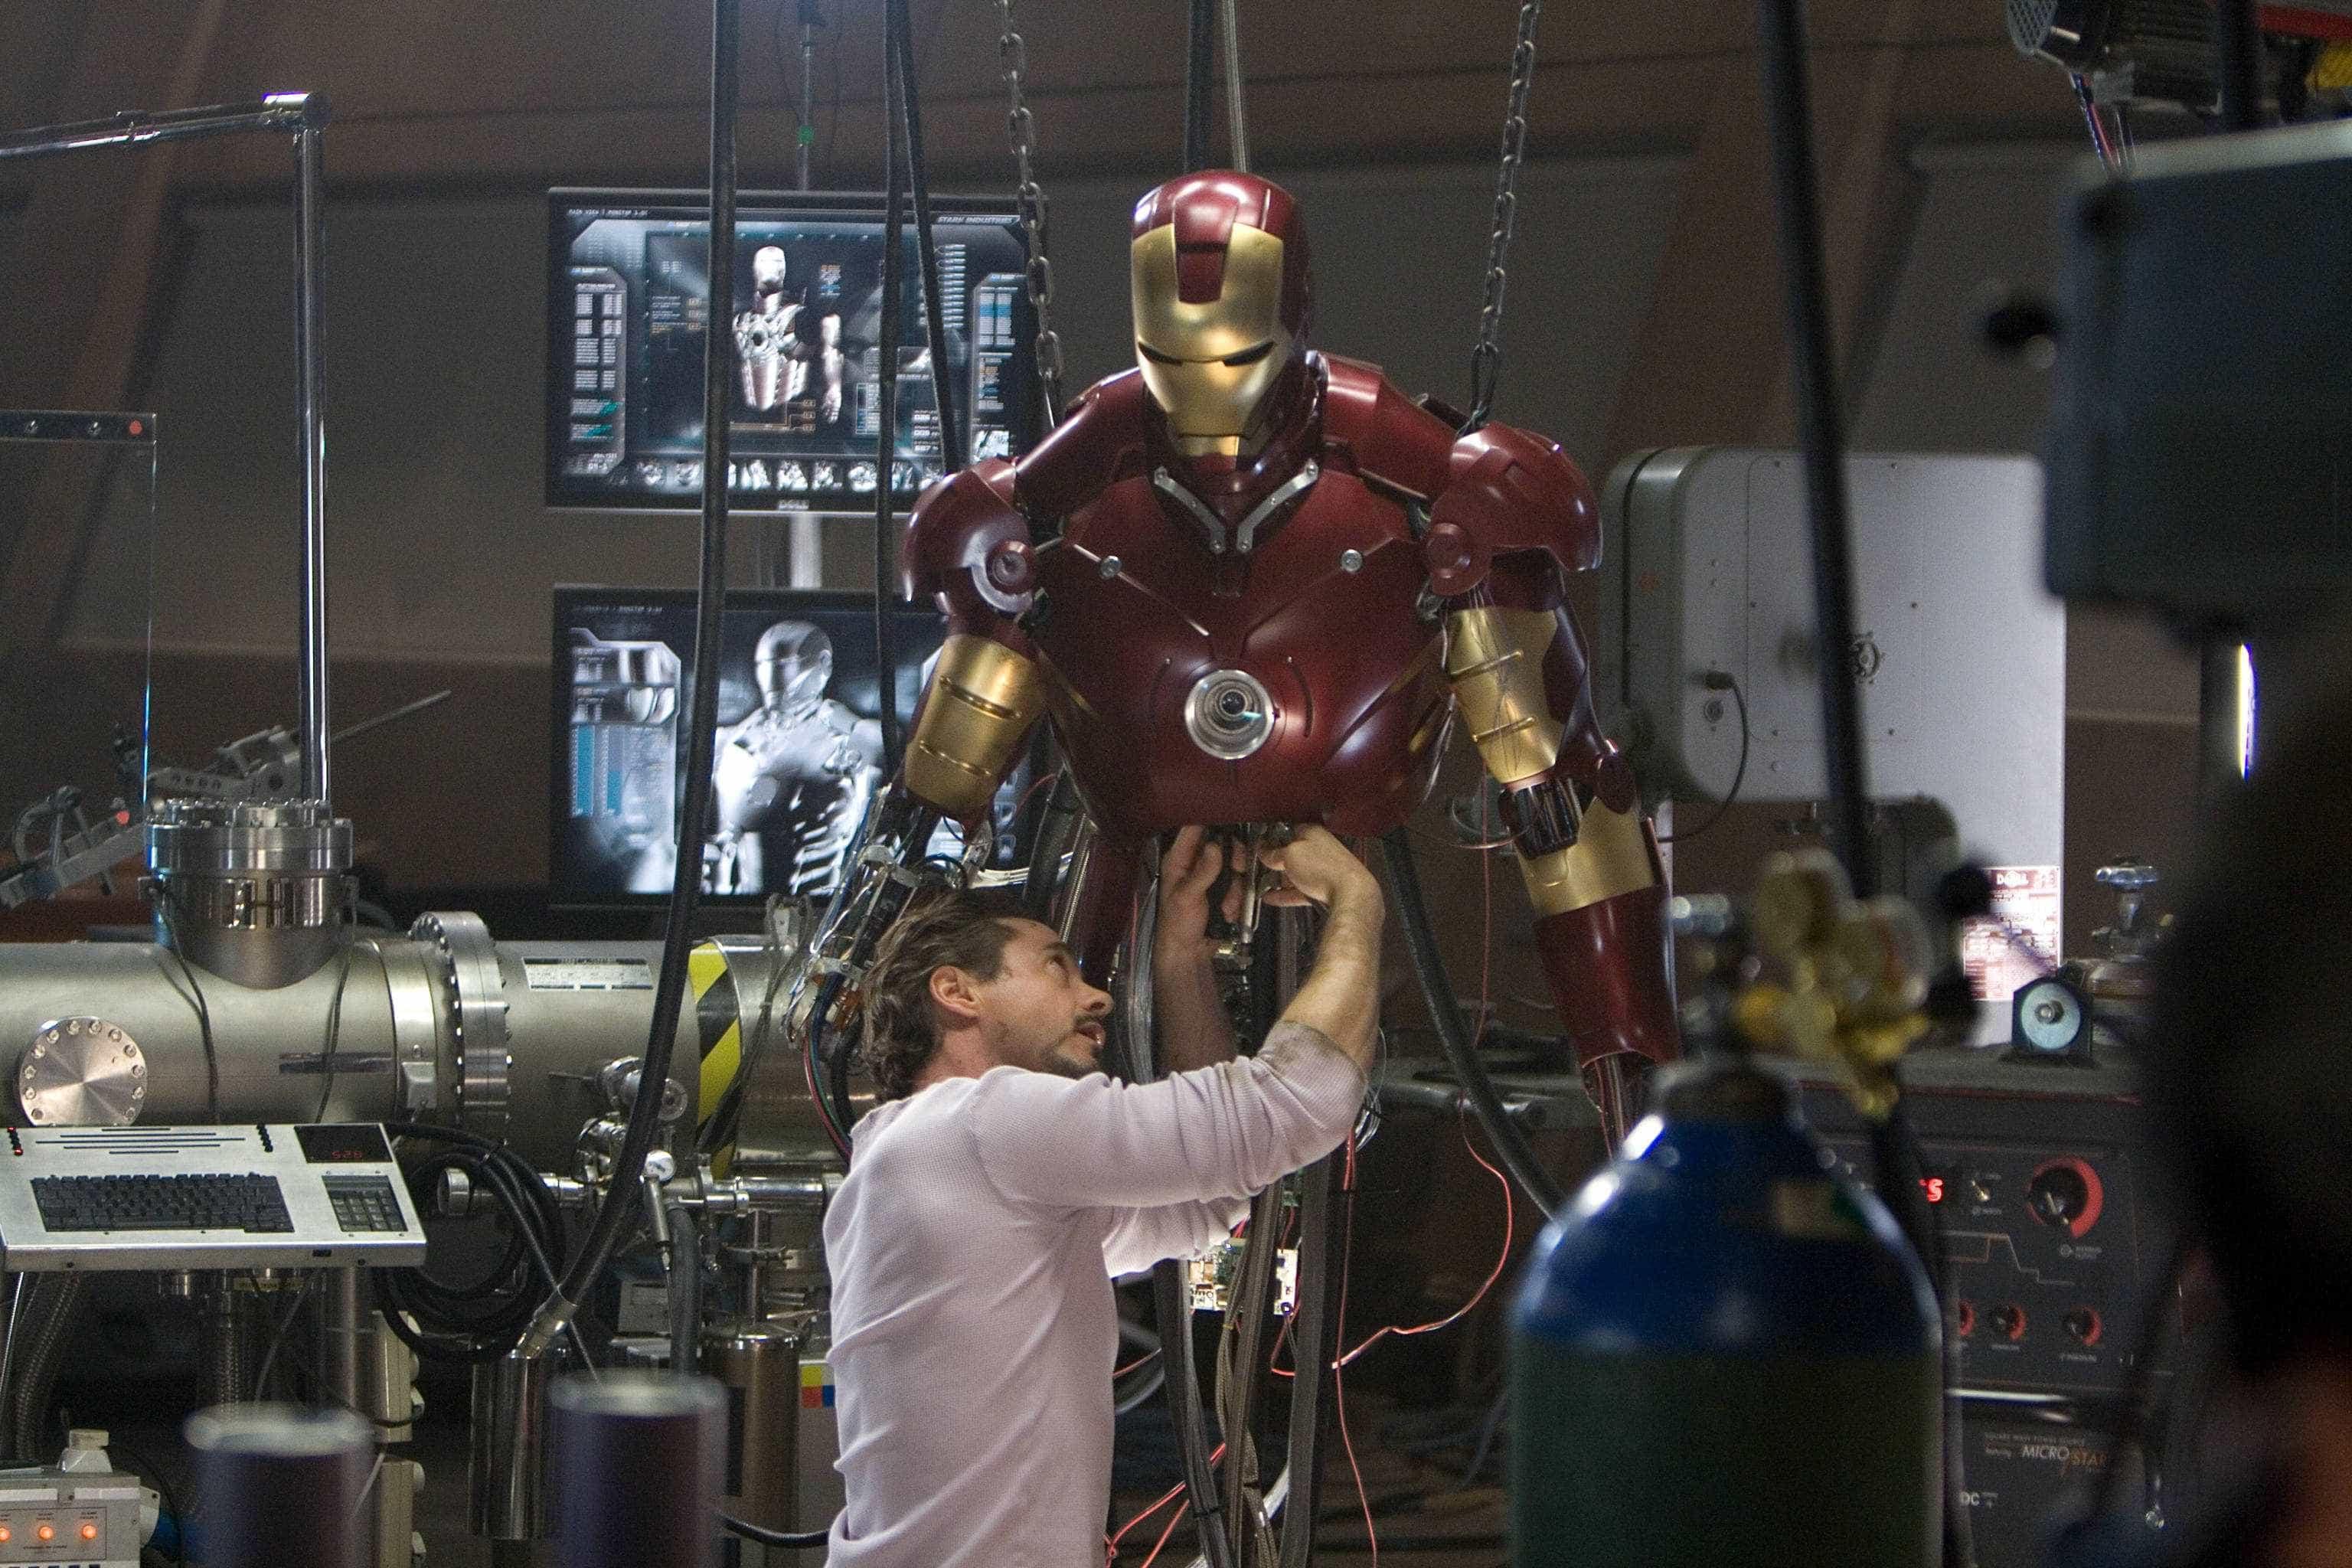 Traje de 'Homem de Ferro' é roubado de depósito